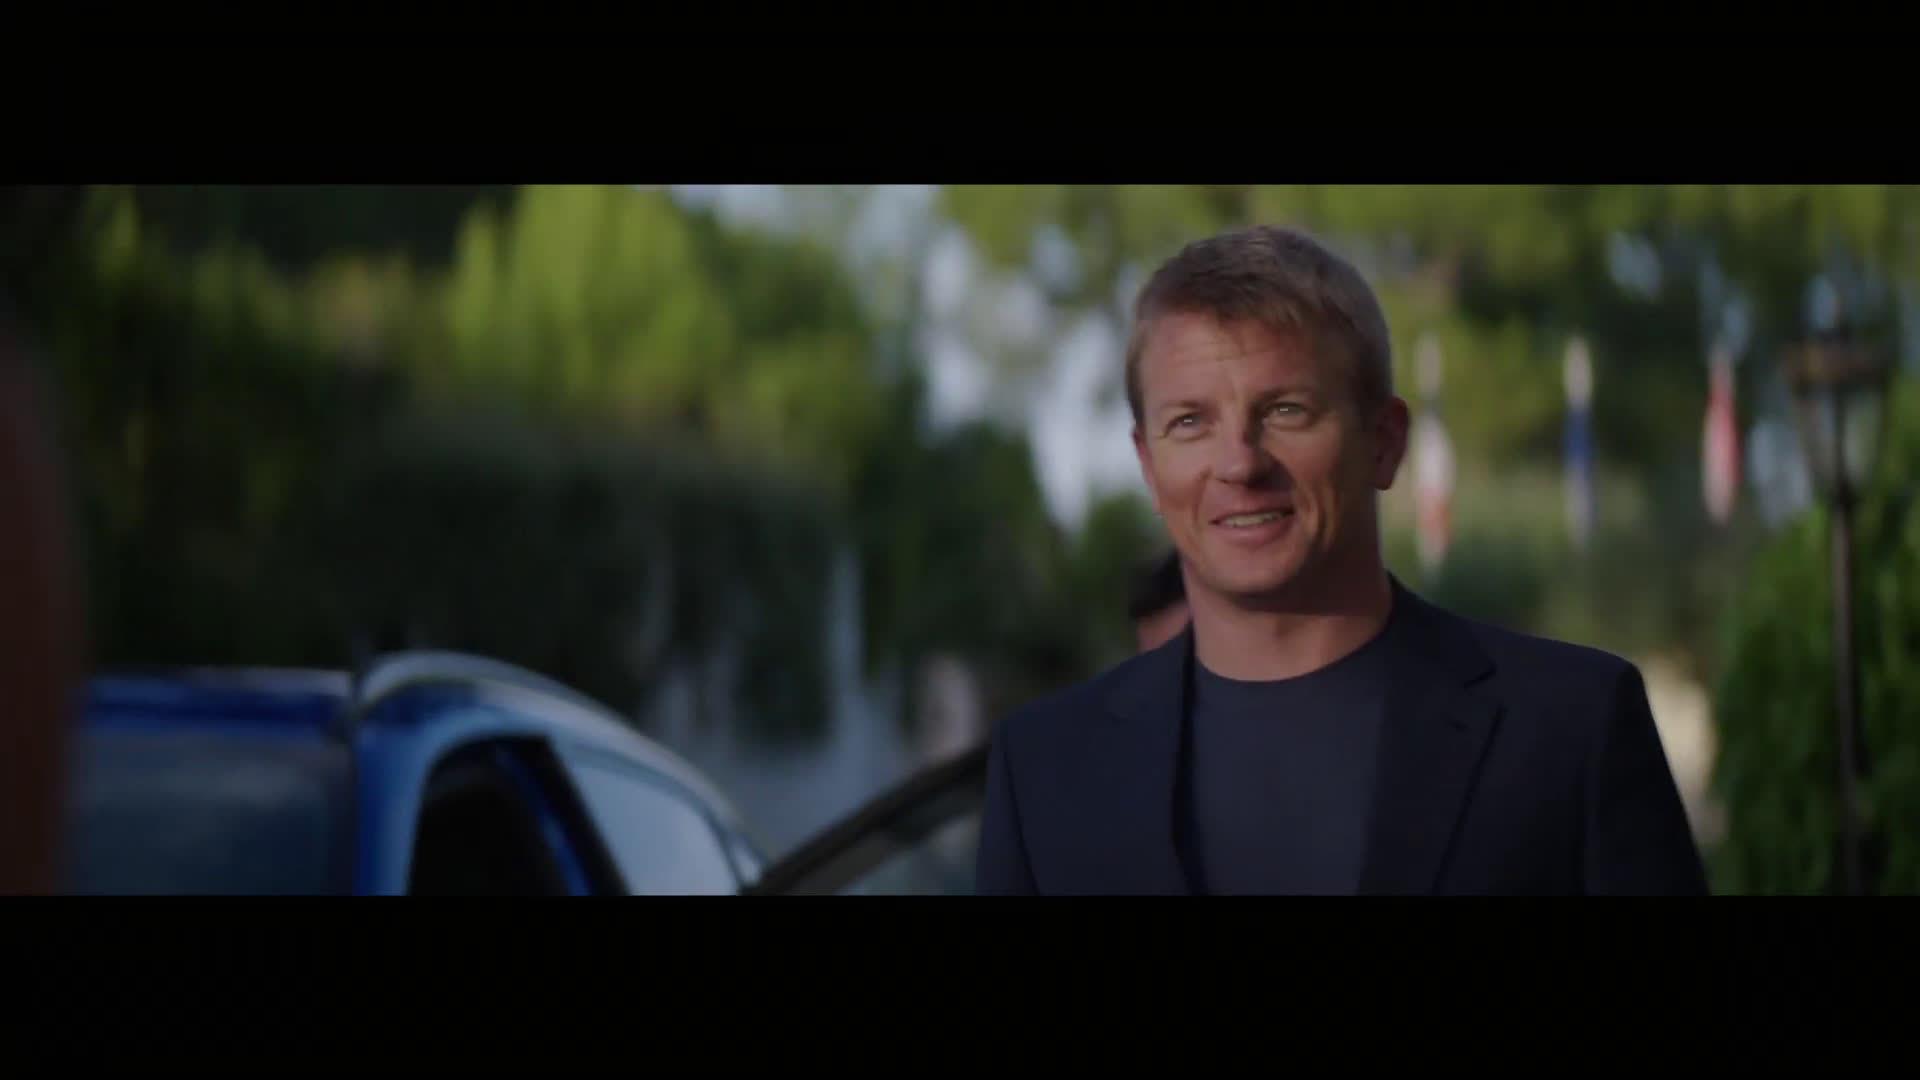 莱科宁夫妇代言阿尔法-罗密欧 Alfa Romeo 广告幕后花絮。